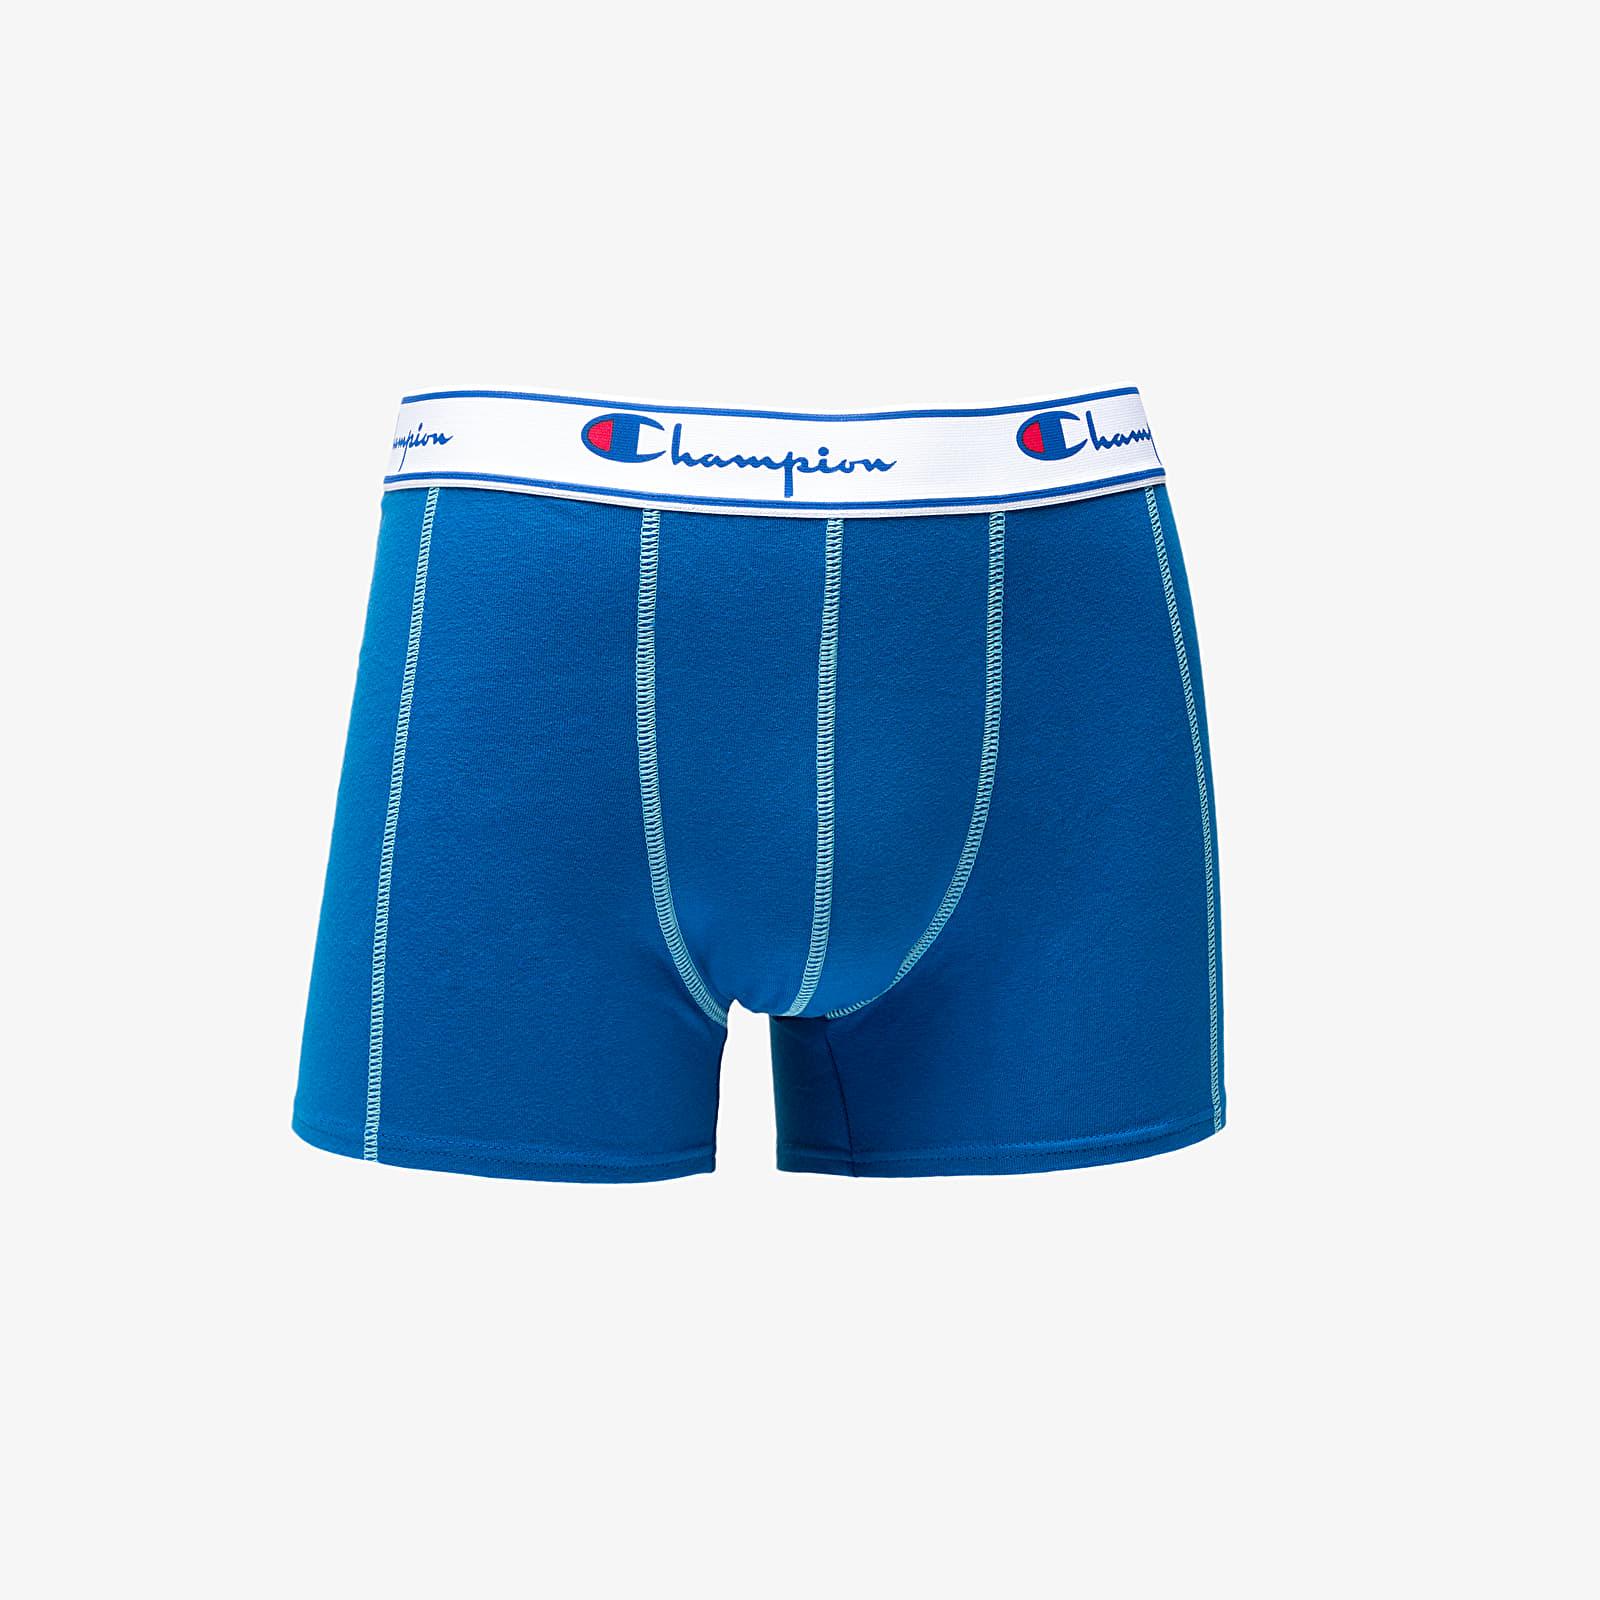 Unterwäsche Champion 3Pack Boxers Black/ Red/ Blue